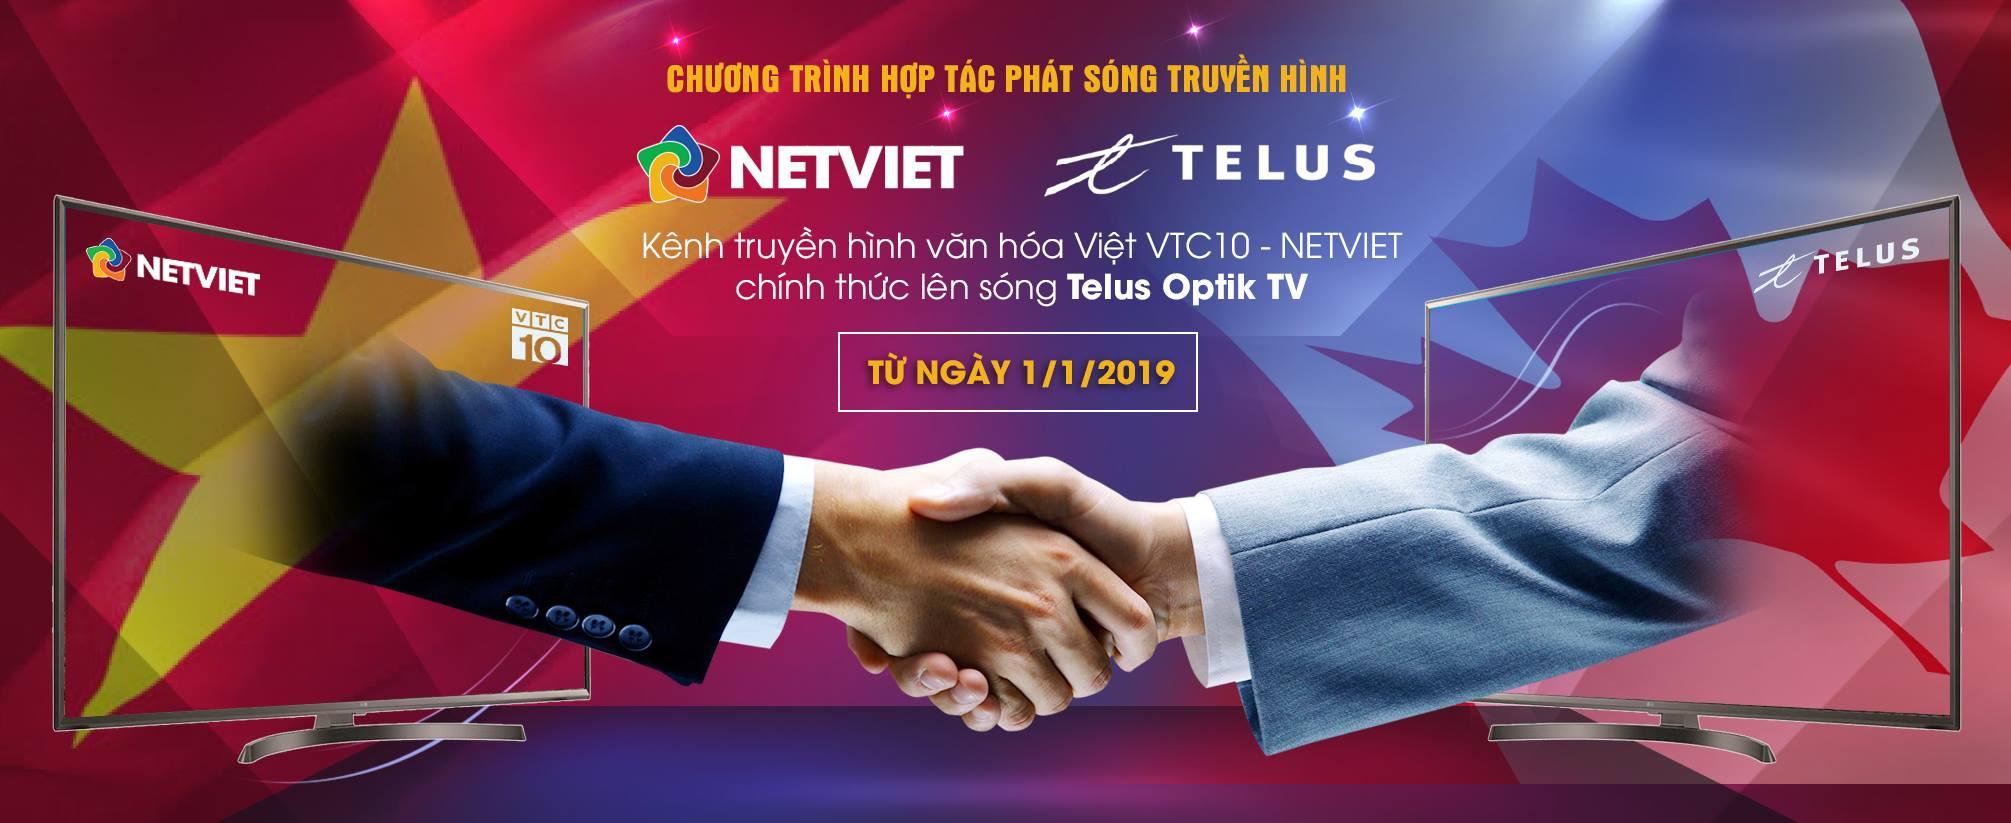 NETVIET Multimedia chính thức hợp tác với TELUS Corp